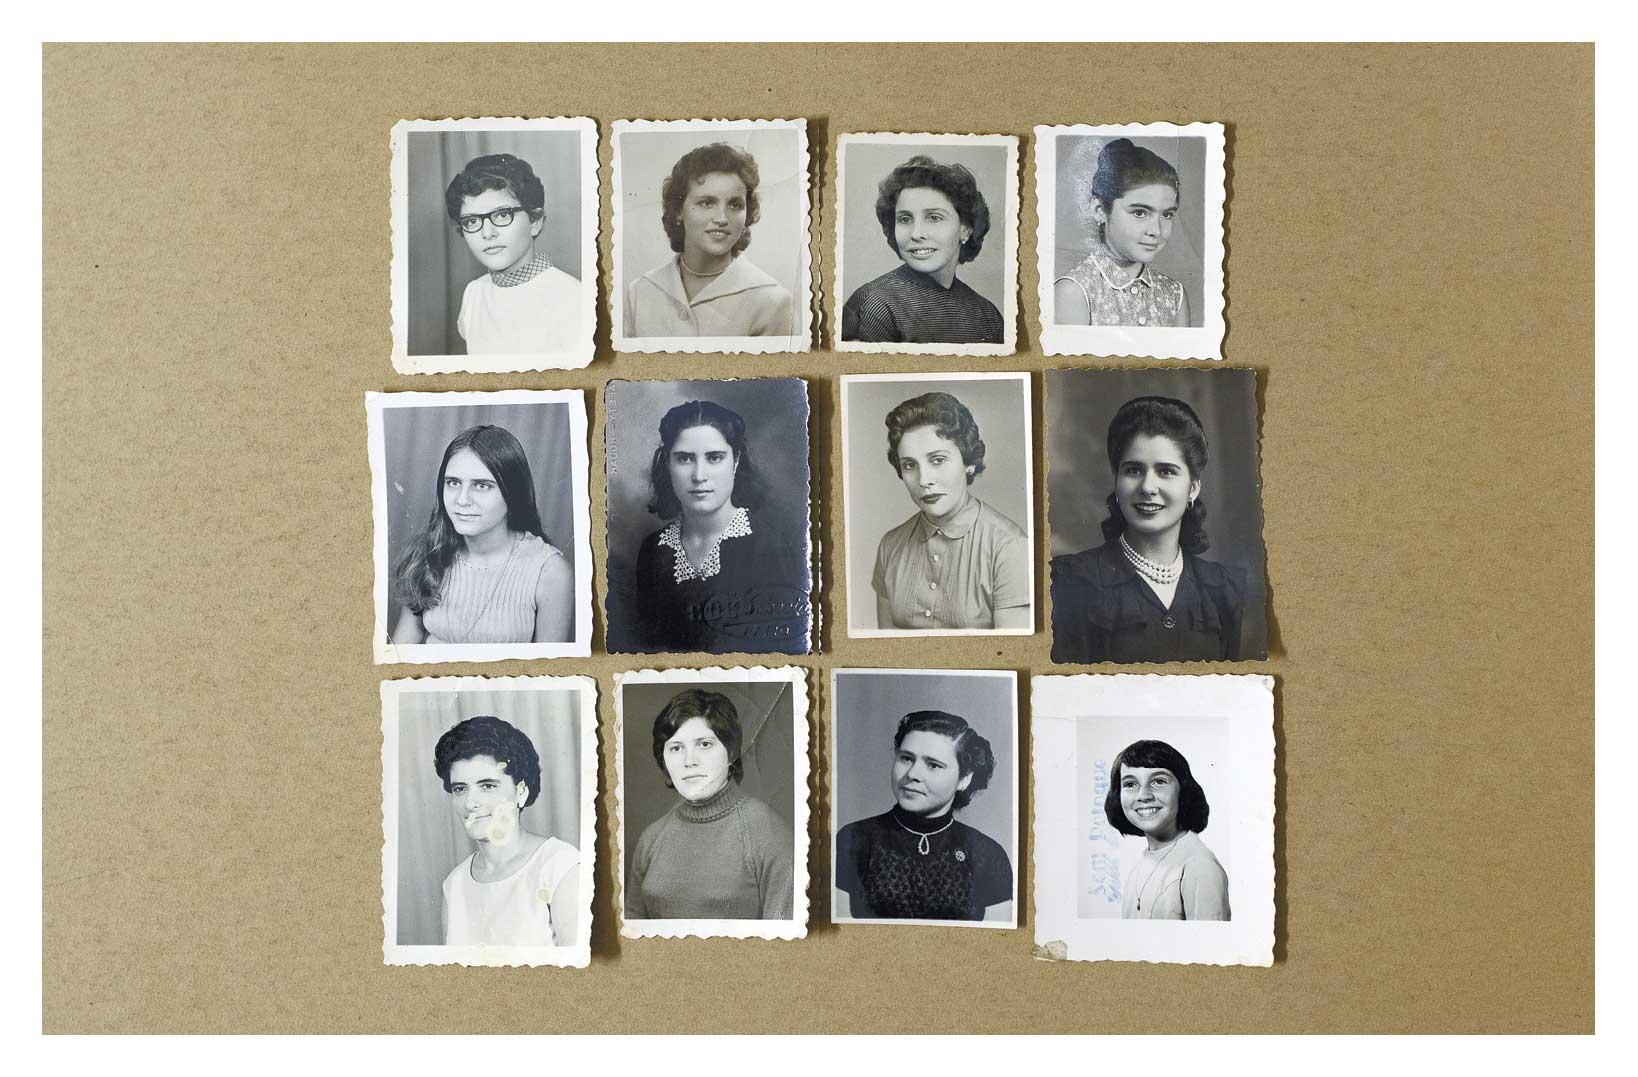 msdm-Found-Photo-Foundation-newspaper-3